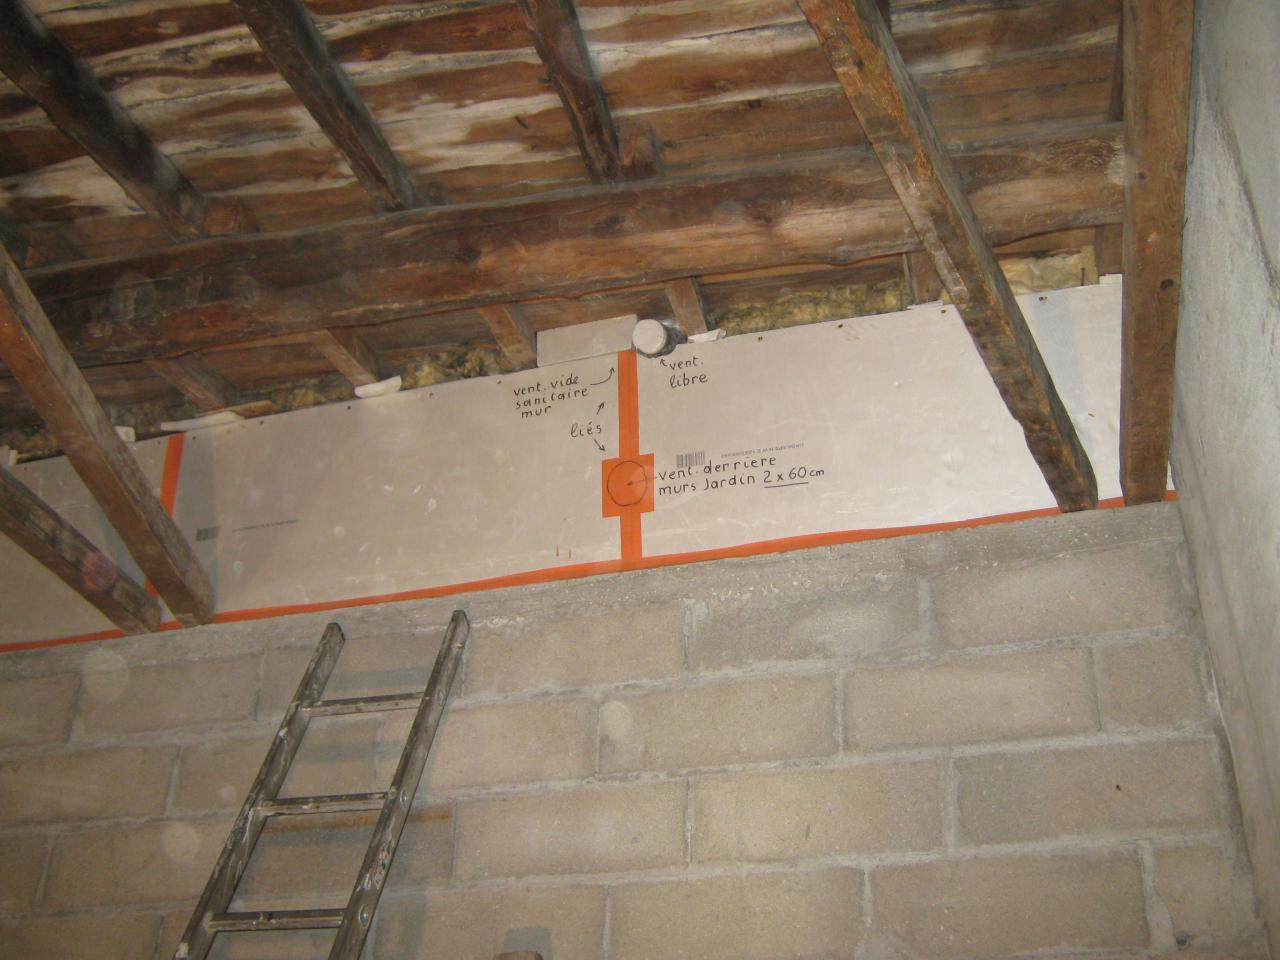 X163129 Fermeture vide sanitaire D et ventilation